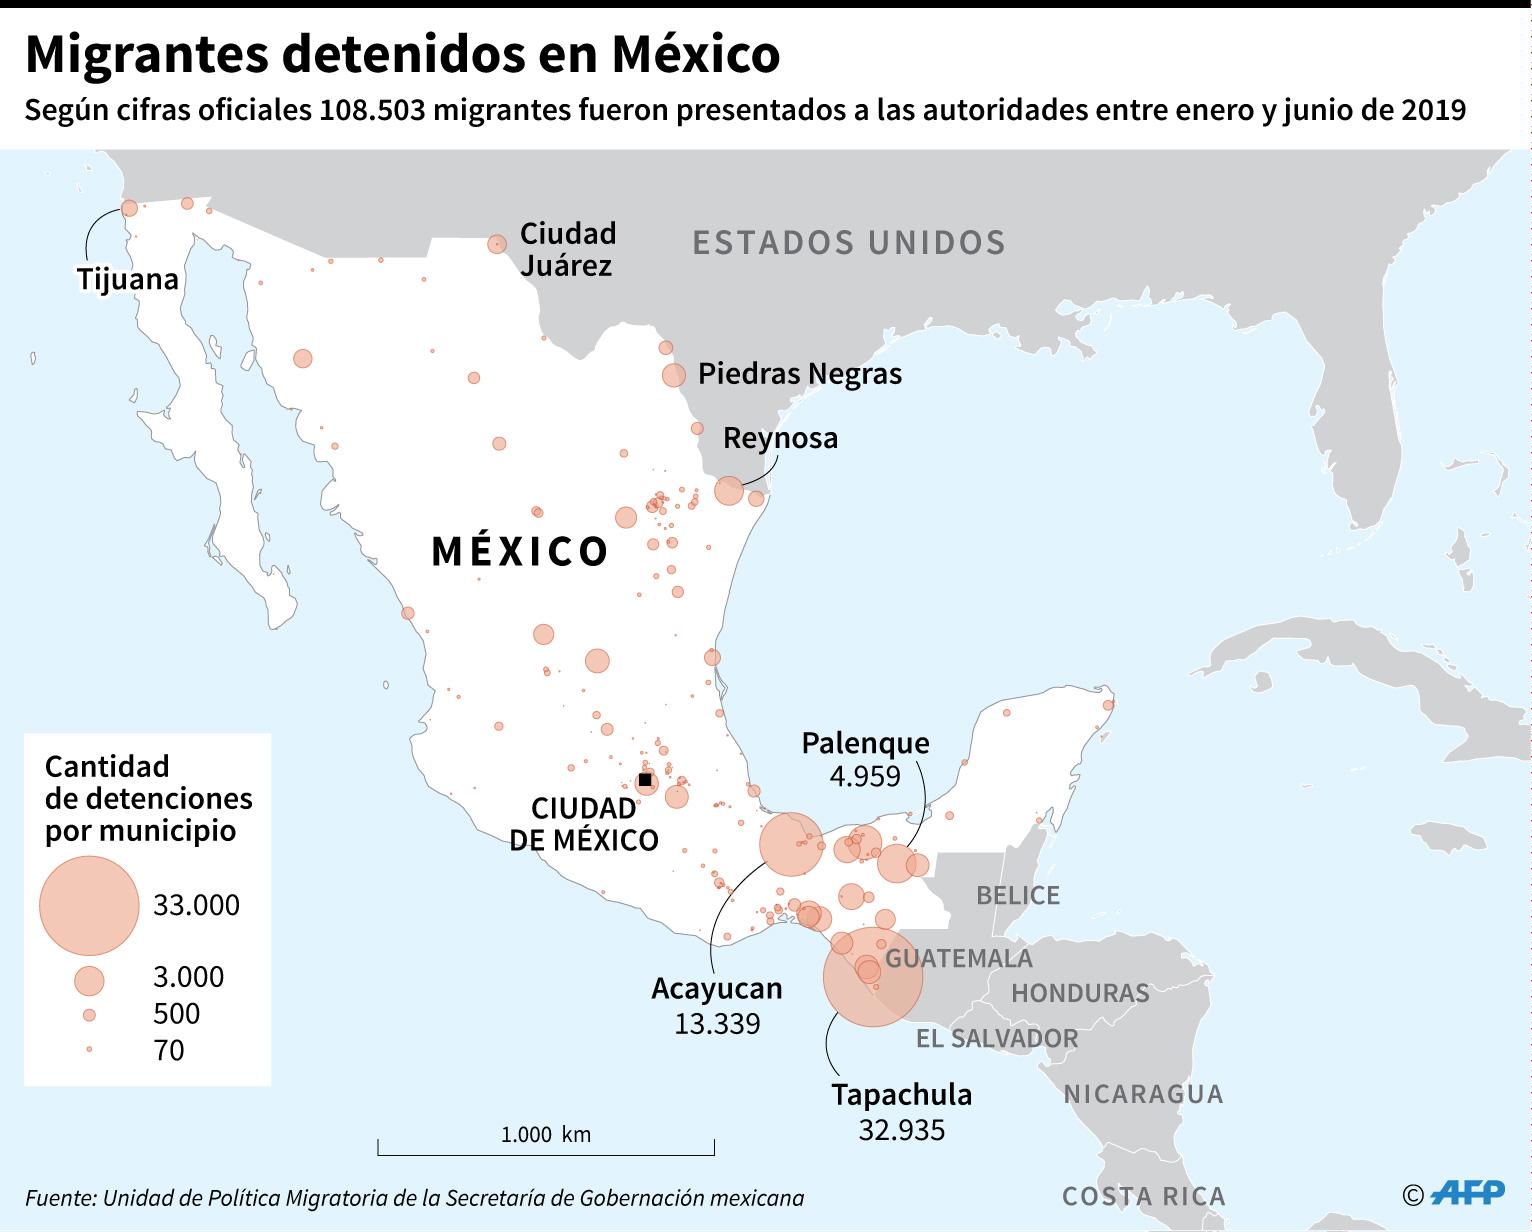 Mapa con los municipios de Mëxico en donde fueron detenidos los migrantes. Total entre enero y junio 2019, según datos oficiales de México. (AFP)